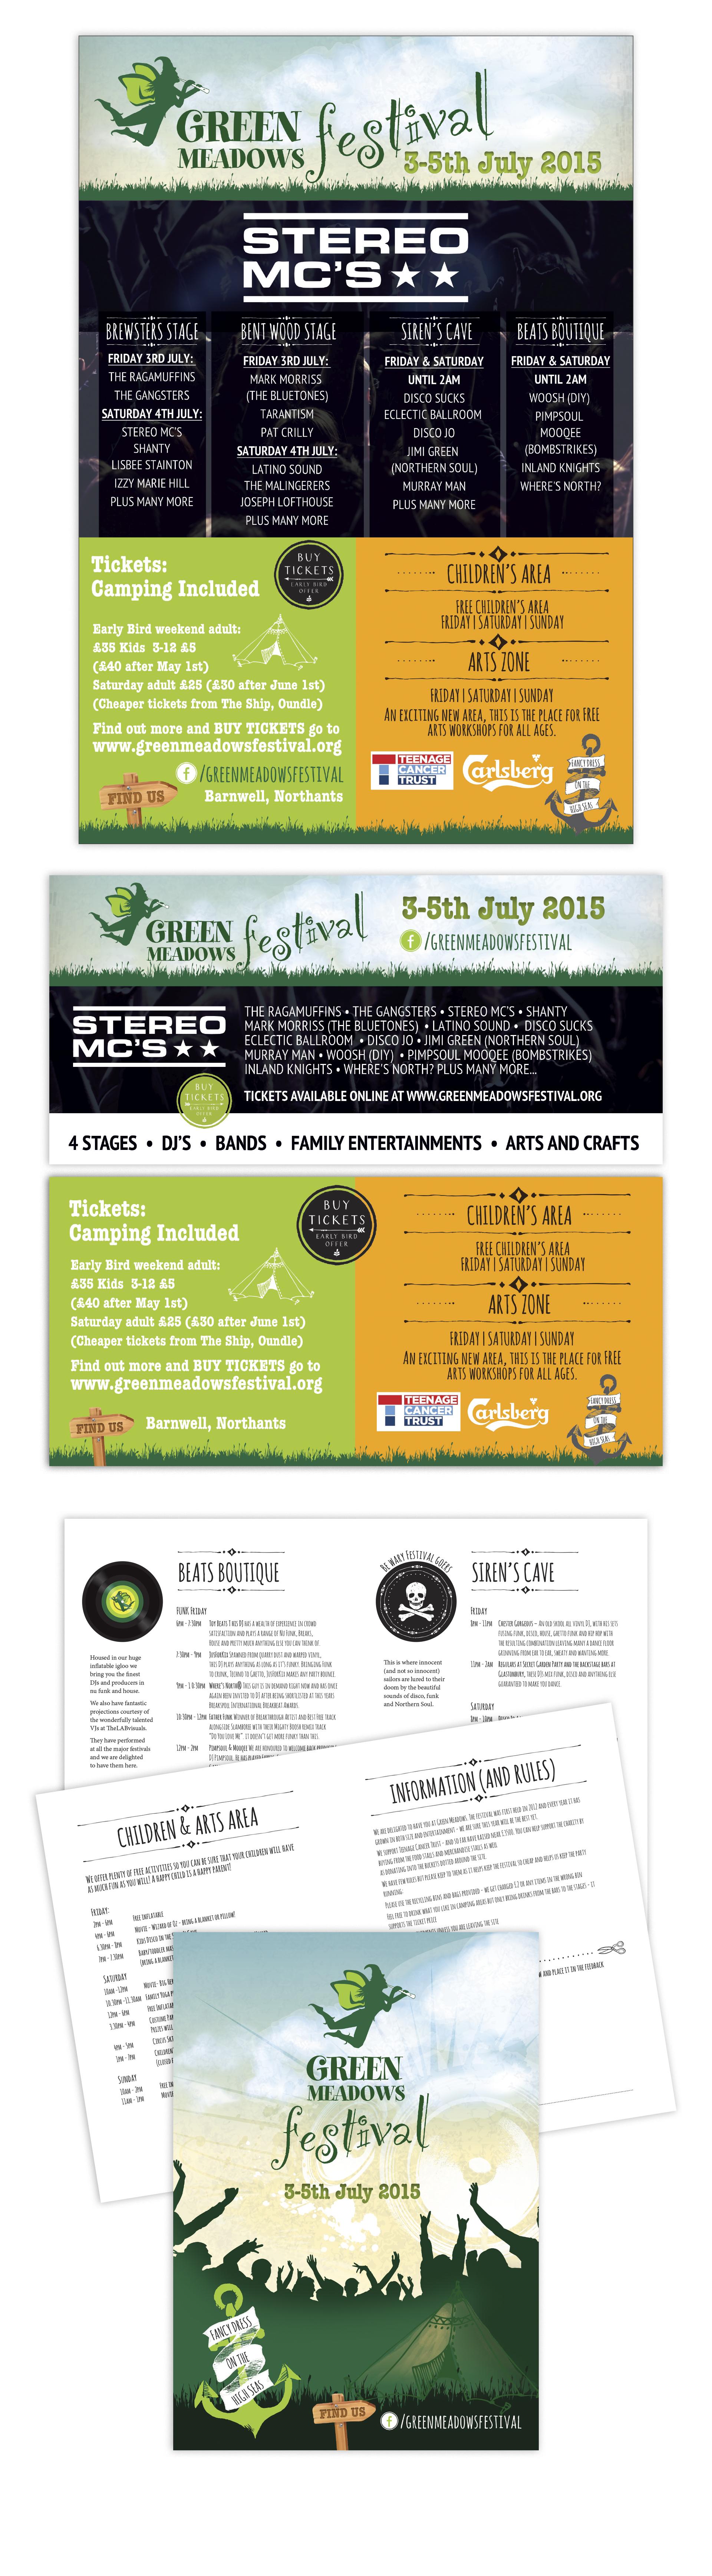 Green Meadows Festival